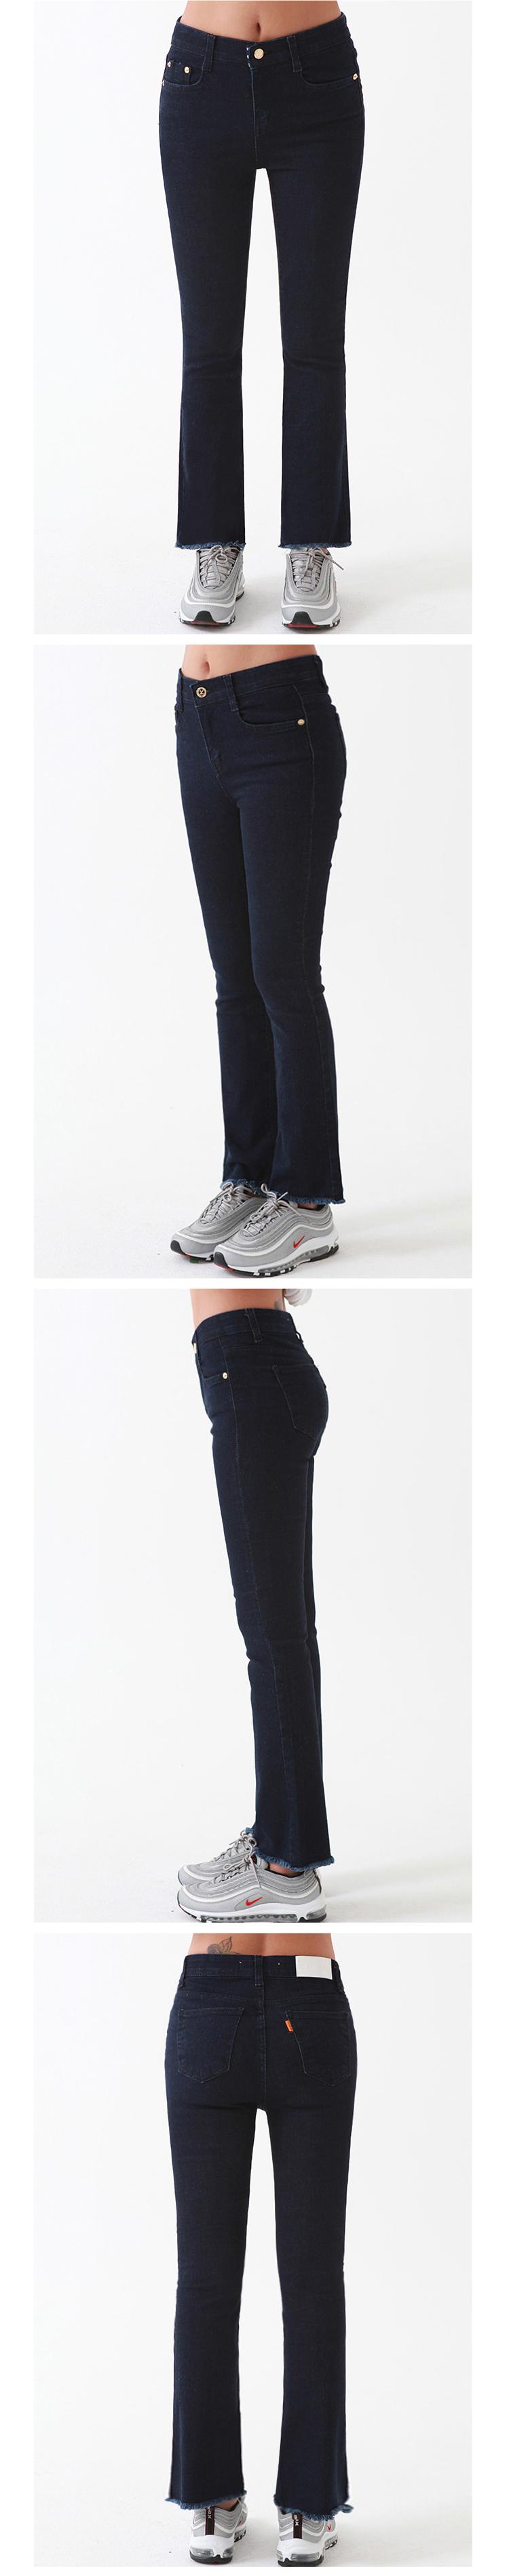 밀리언코르(MILLIONCOR) [Faina 7013] Medium Washed Jean